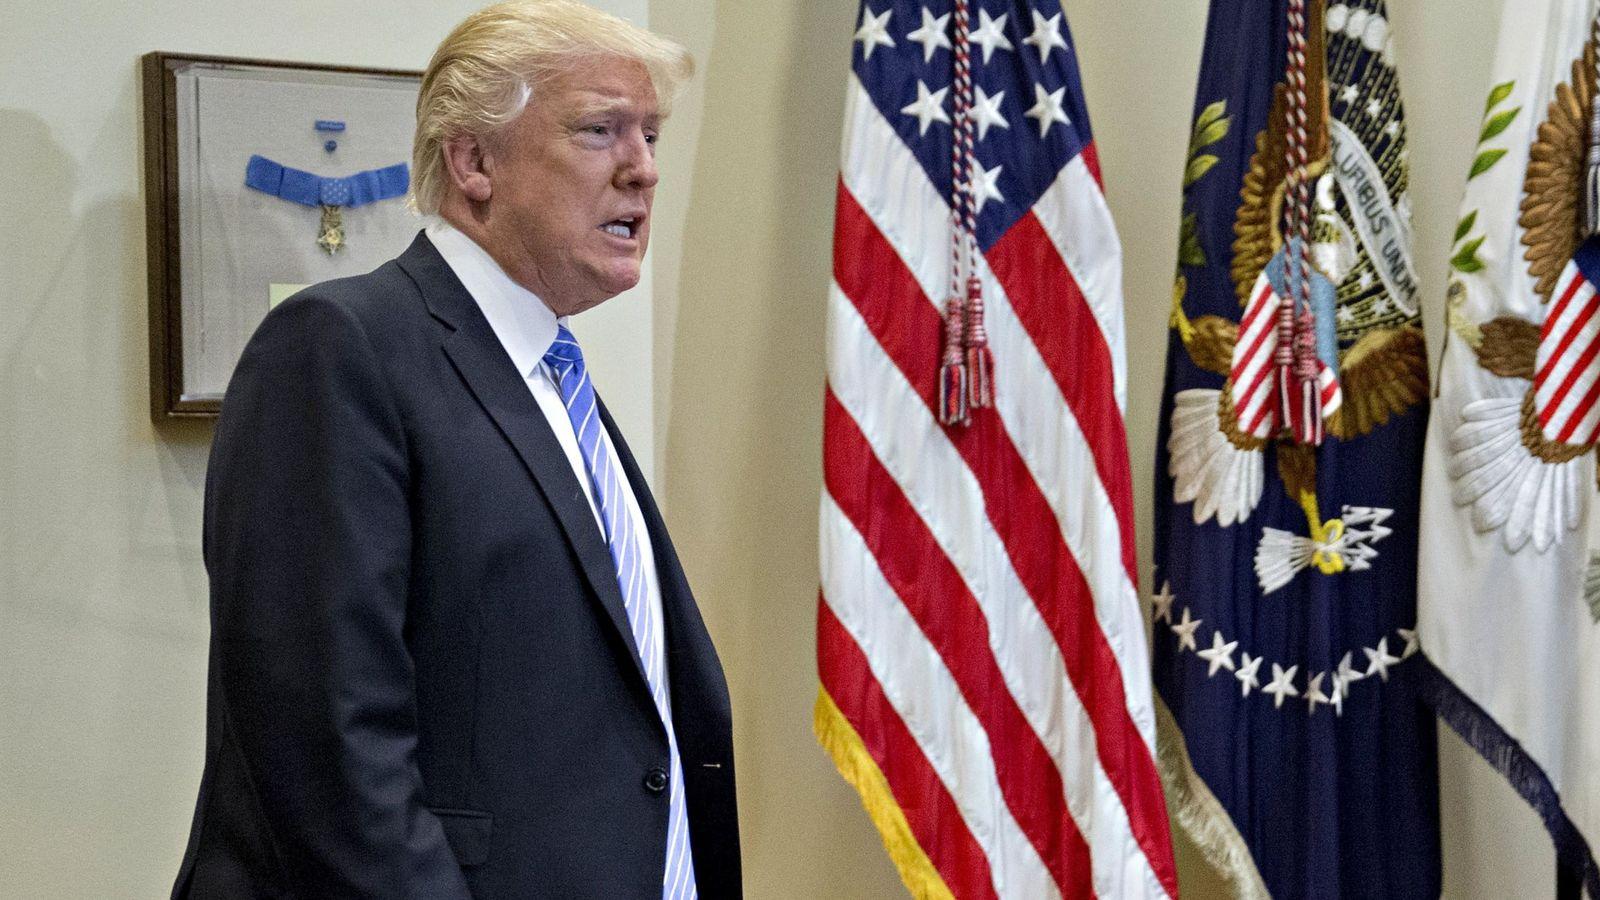 Foto: Donald Trump a su llegada a una reunión oficial en la Casa Blanca, el 15 de febrero de 2017 (EFE)